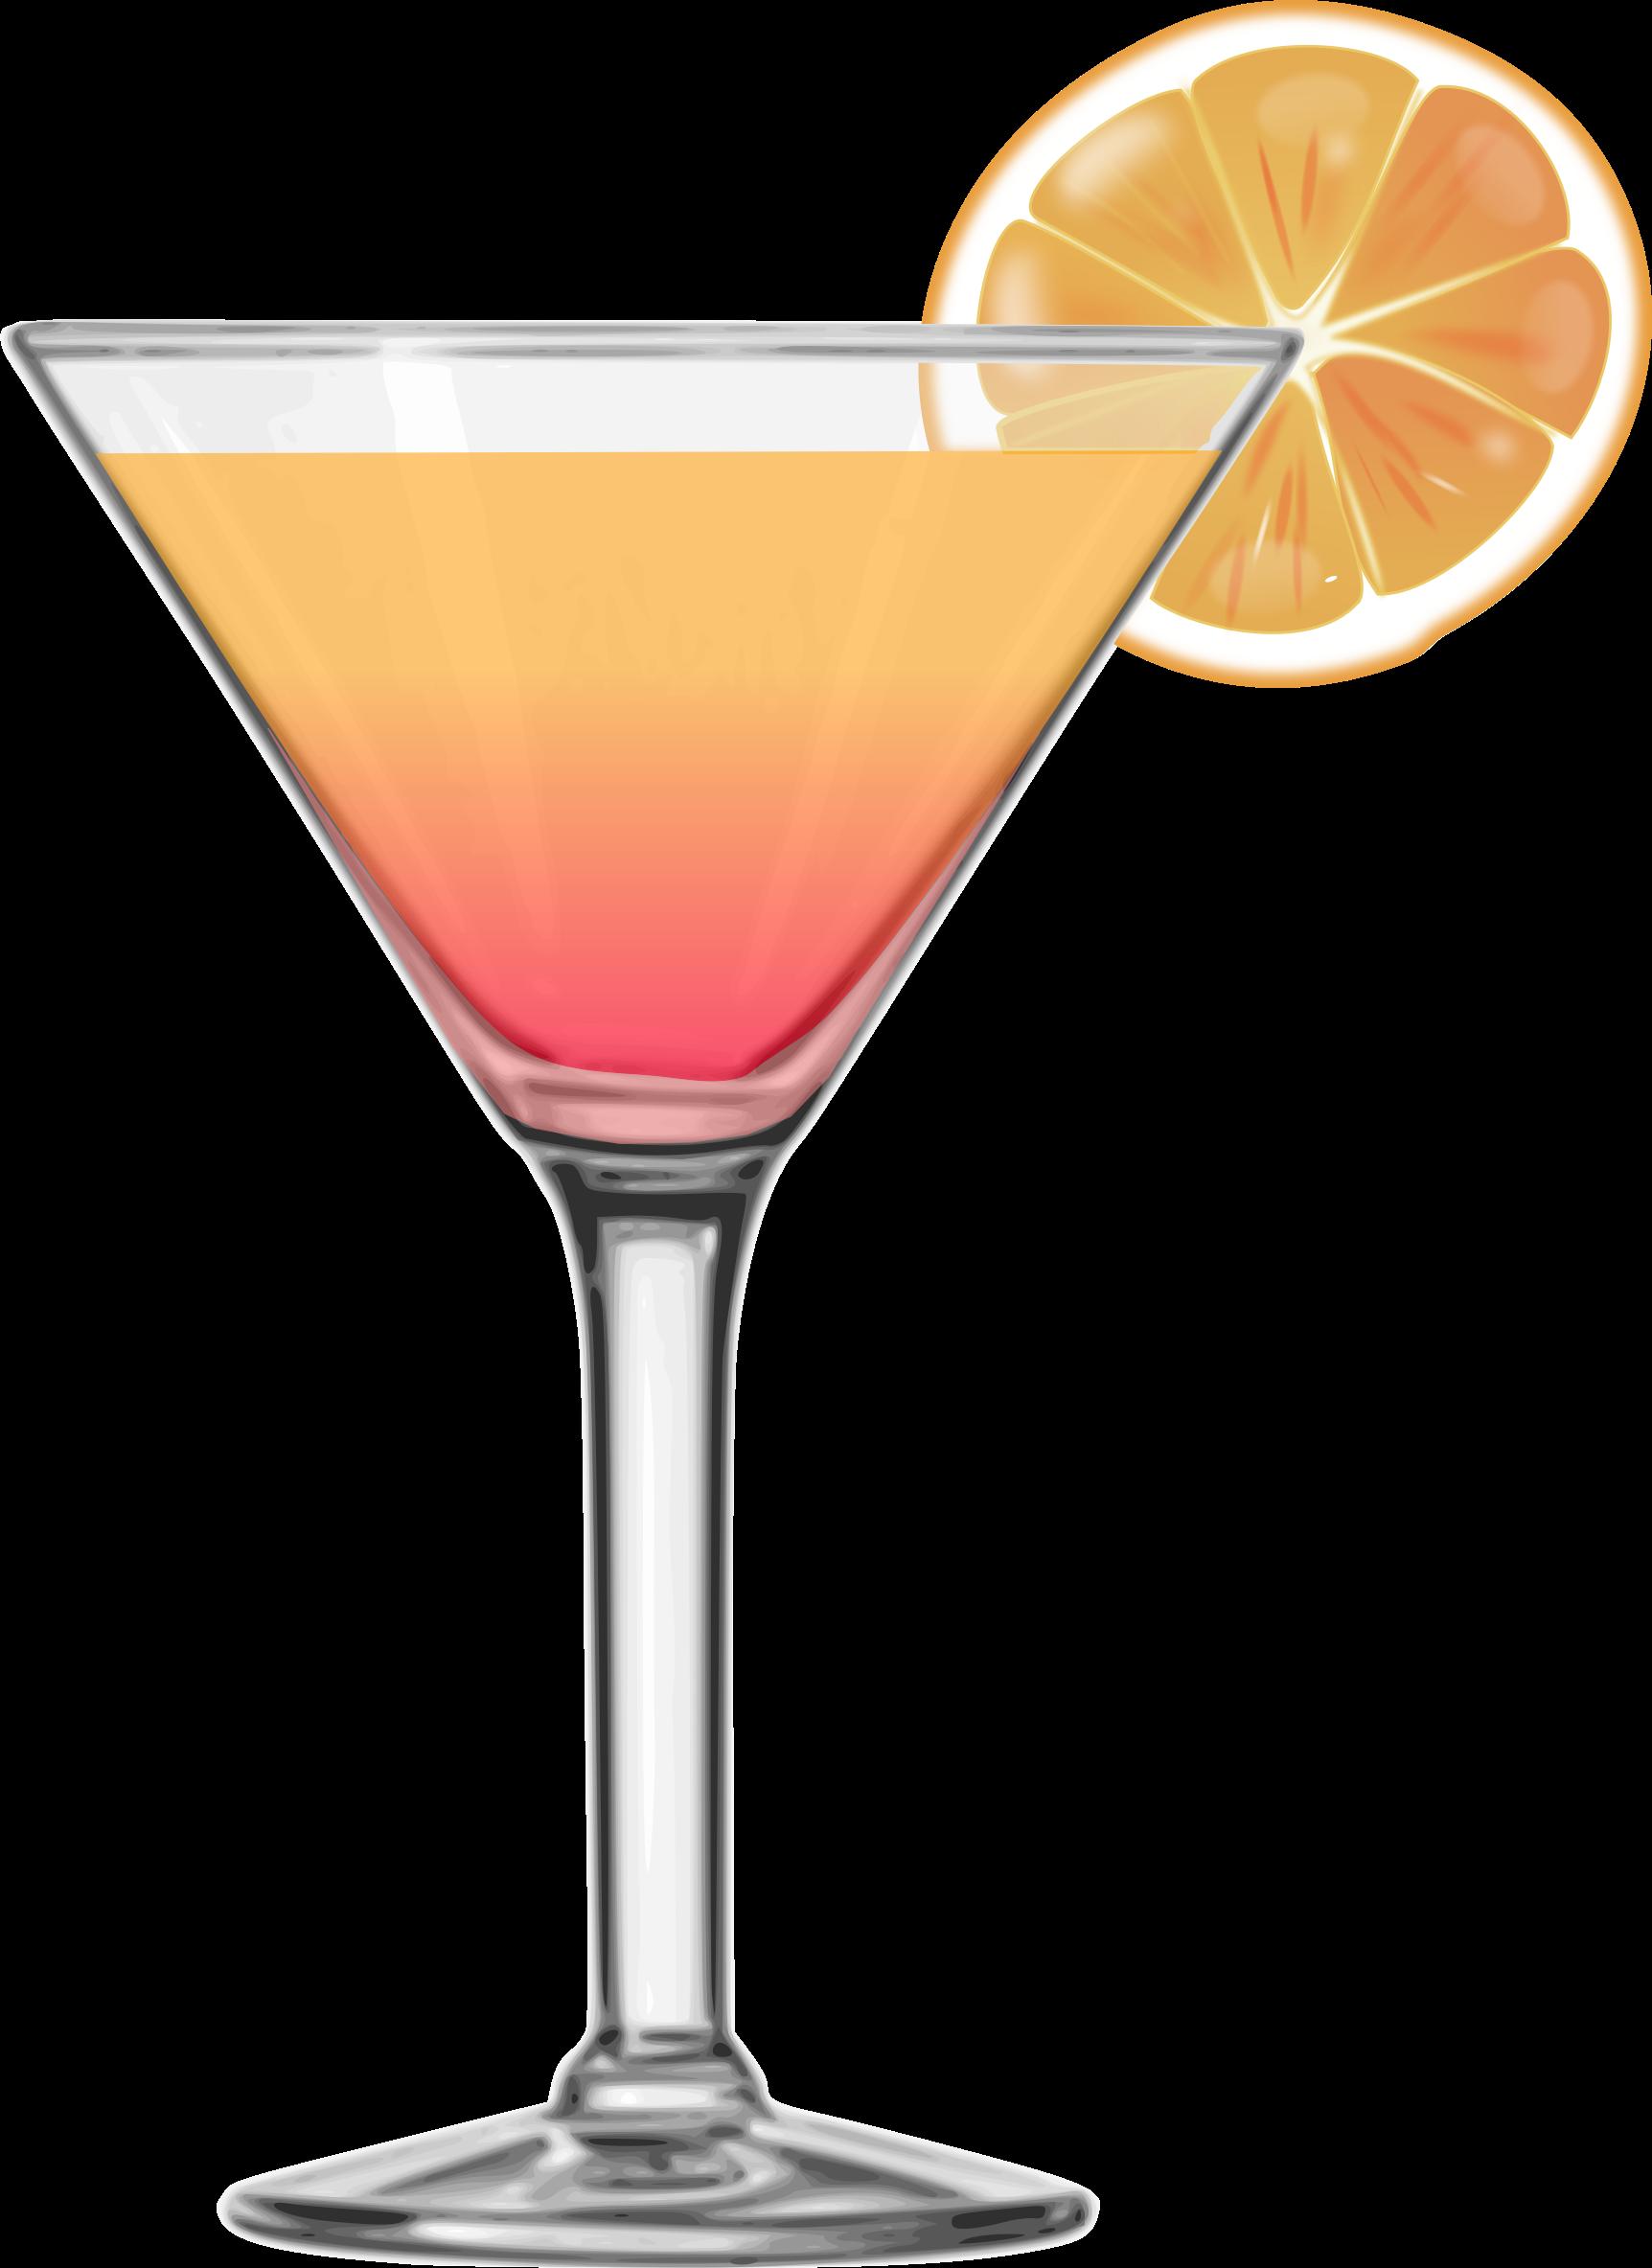 Cocktails clipart cocktail menu. Tequila sunrise big image